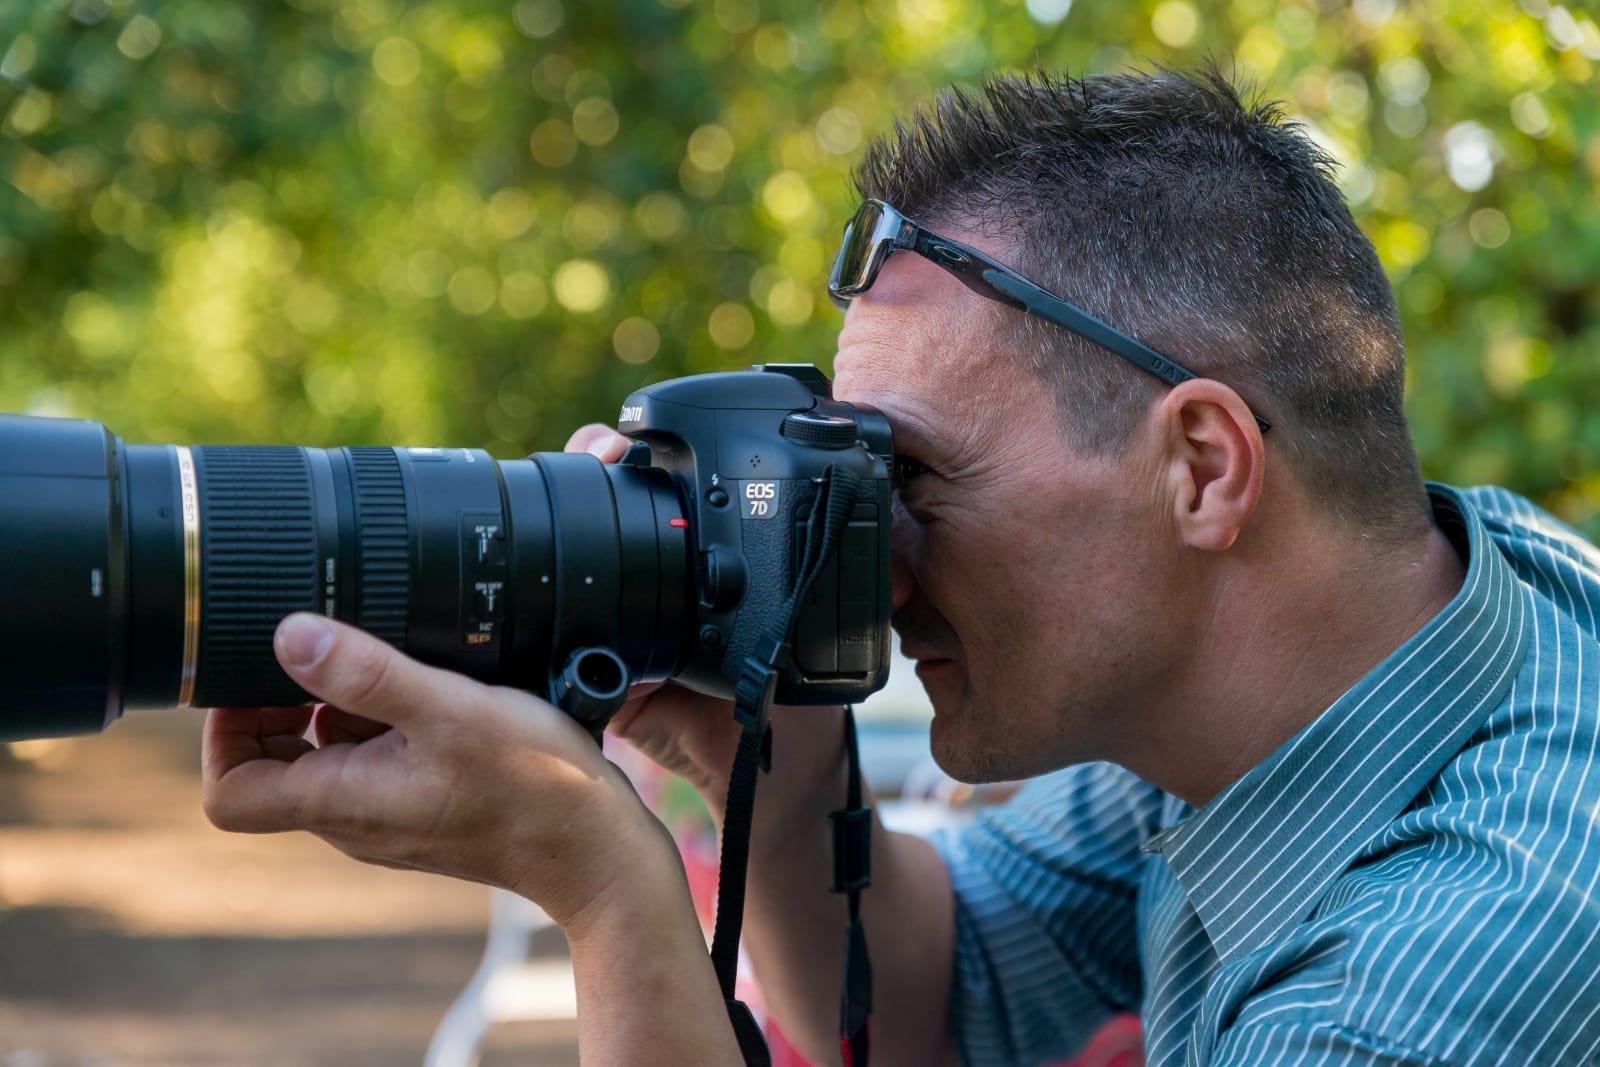 Go to Alessandro Zambon's profile